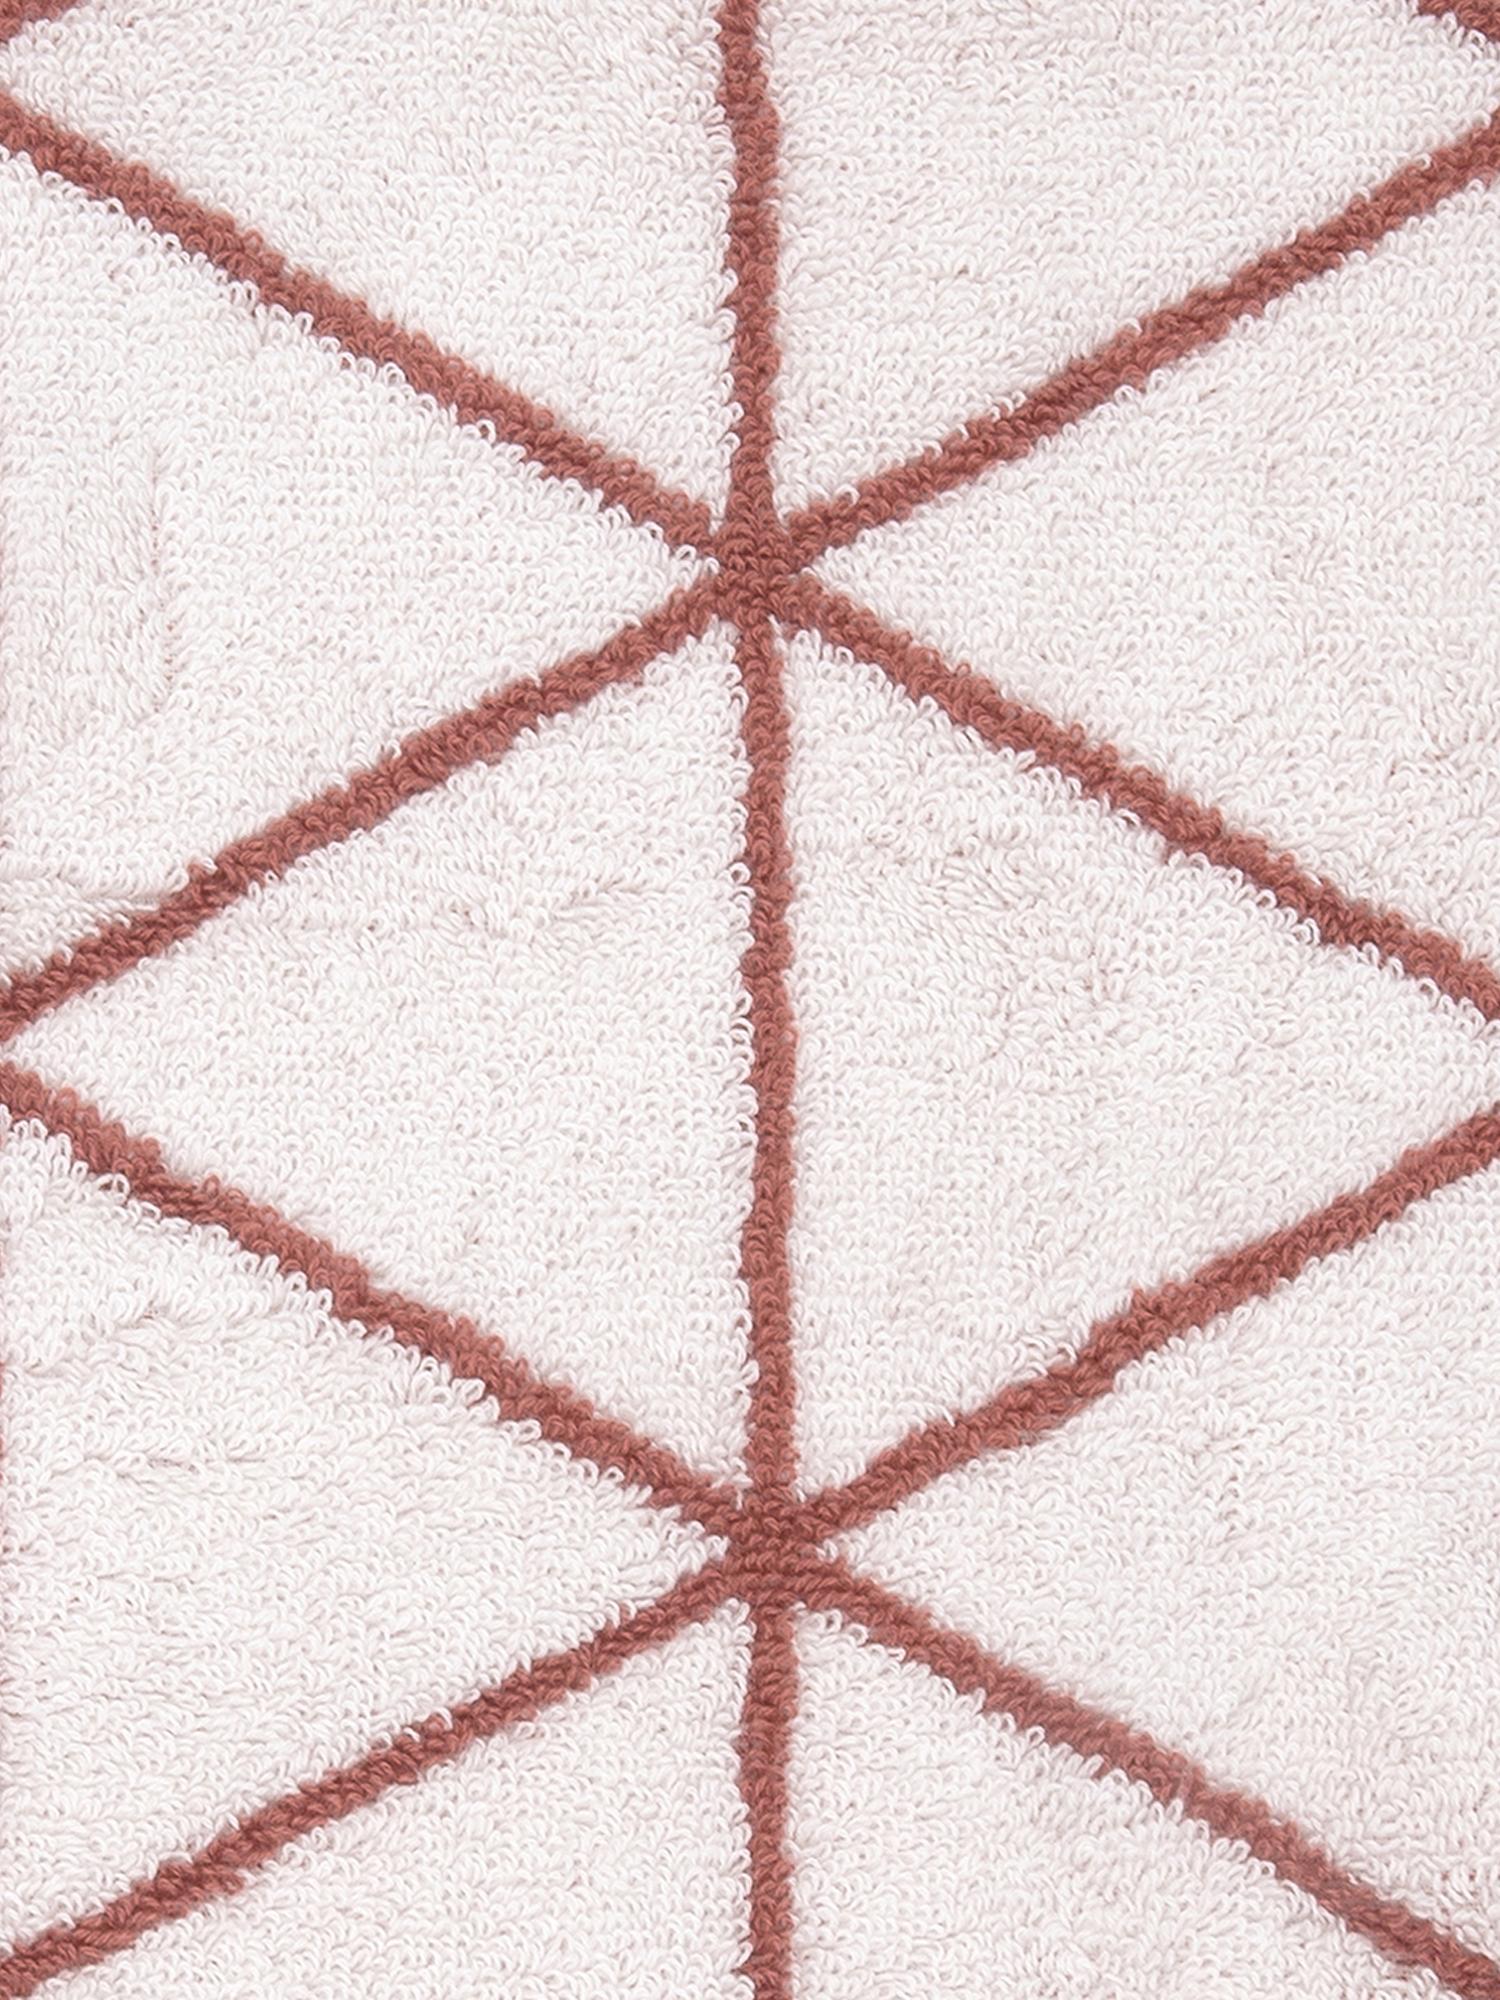 Wende-Handtuch-Set Elina mit grafischem Muster, 3-tlg., Terrakotta, Cremeweiß, Sondergrößen